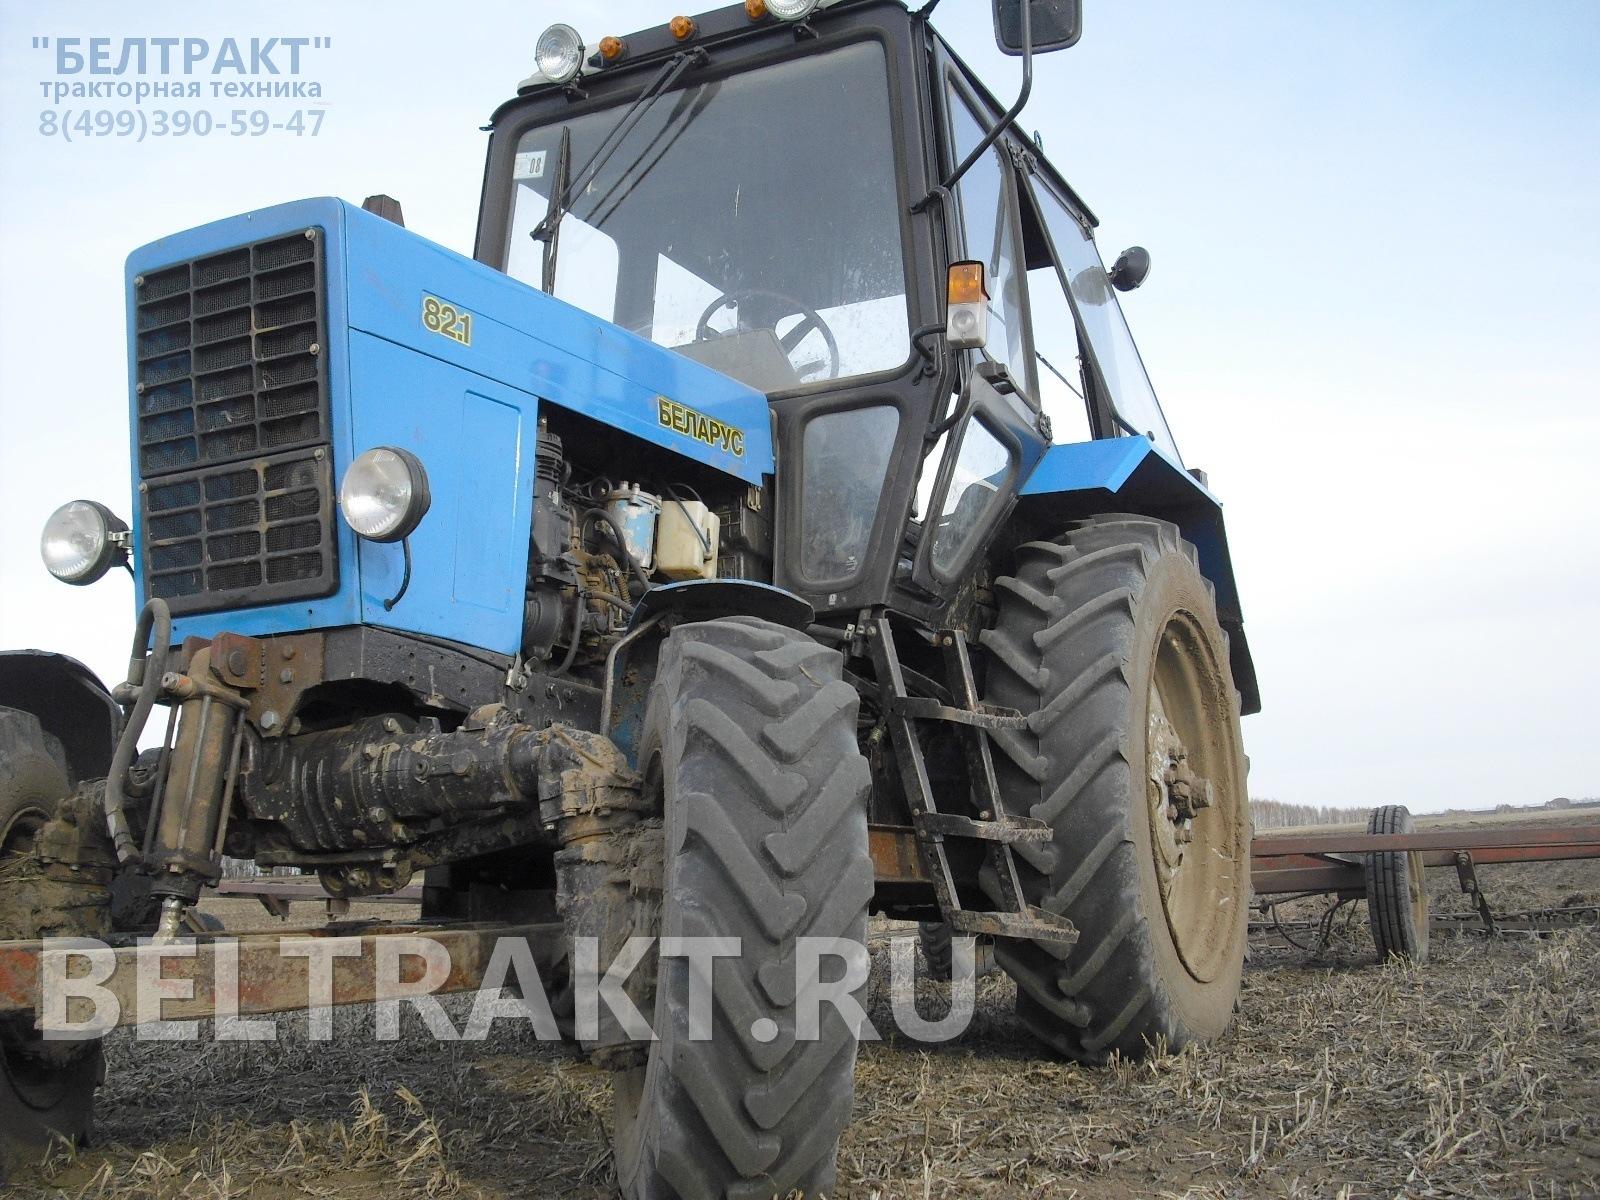 Сварочные тракторы - купить с БЕСПЛАТНОЙ доставкой по России